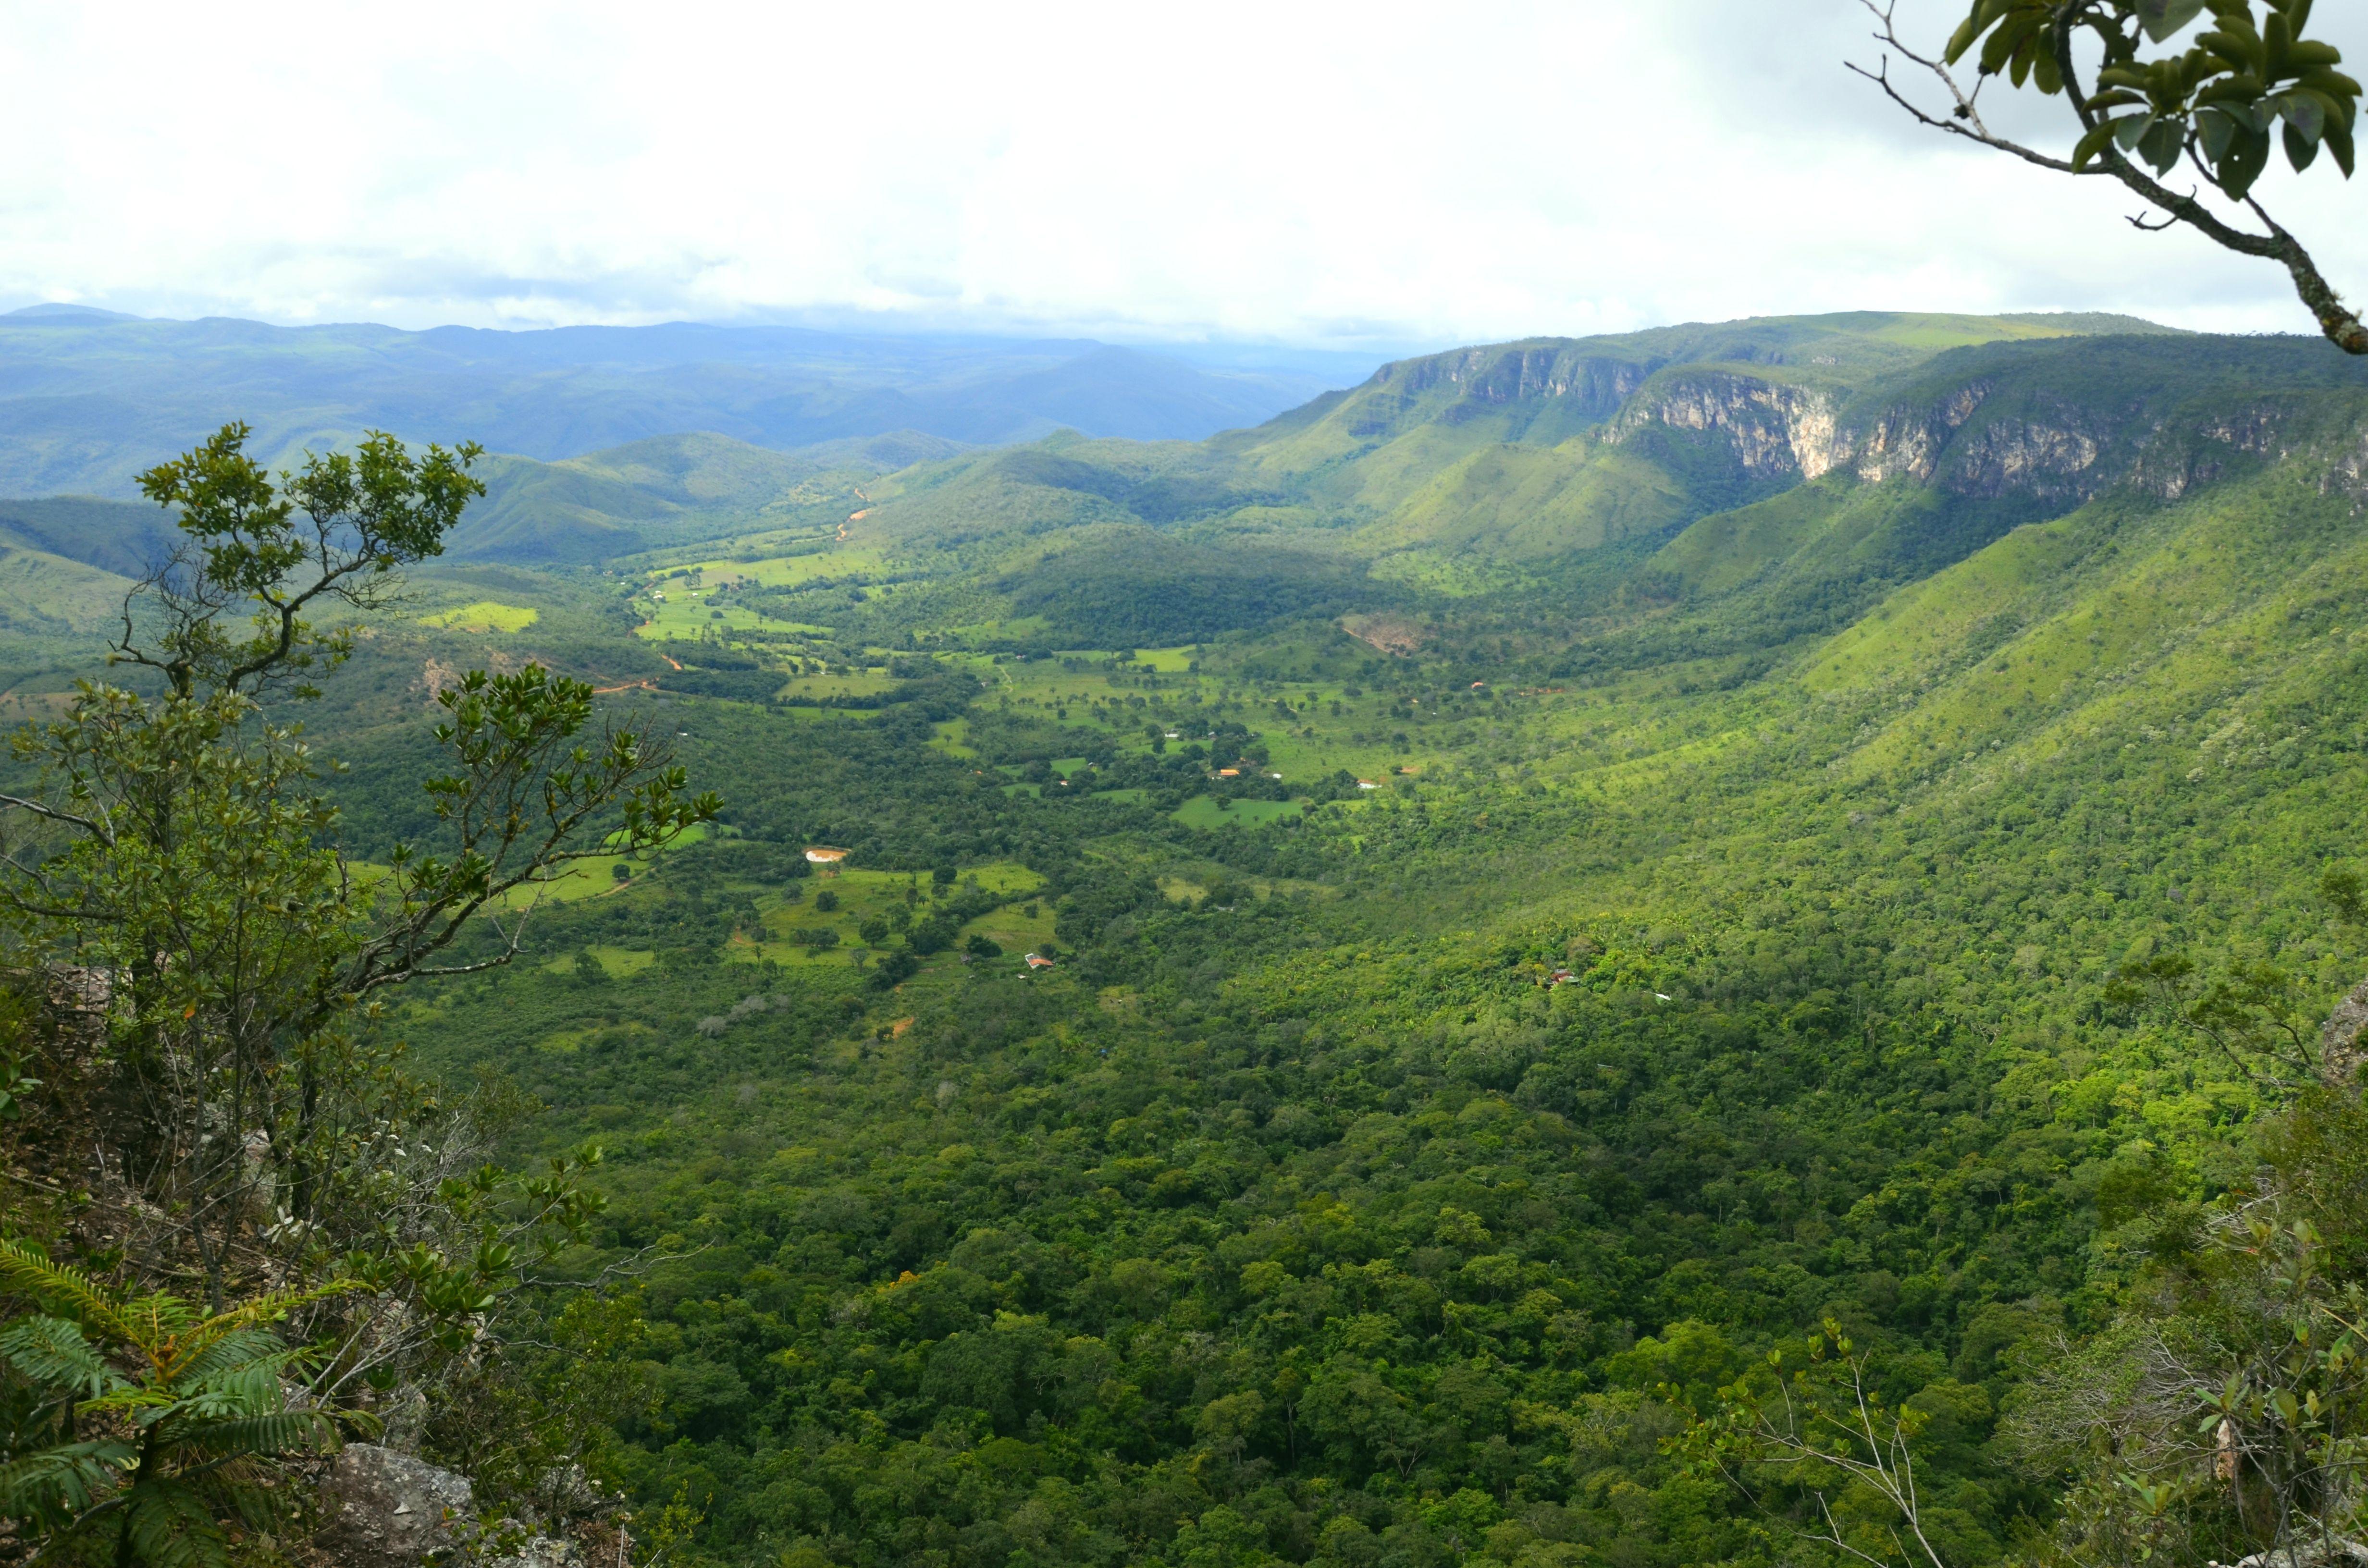 Kilátás a fennsík tetejéről a völgyre